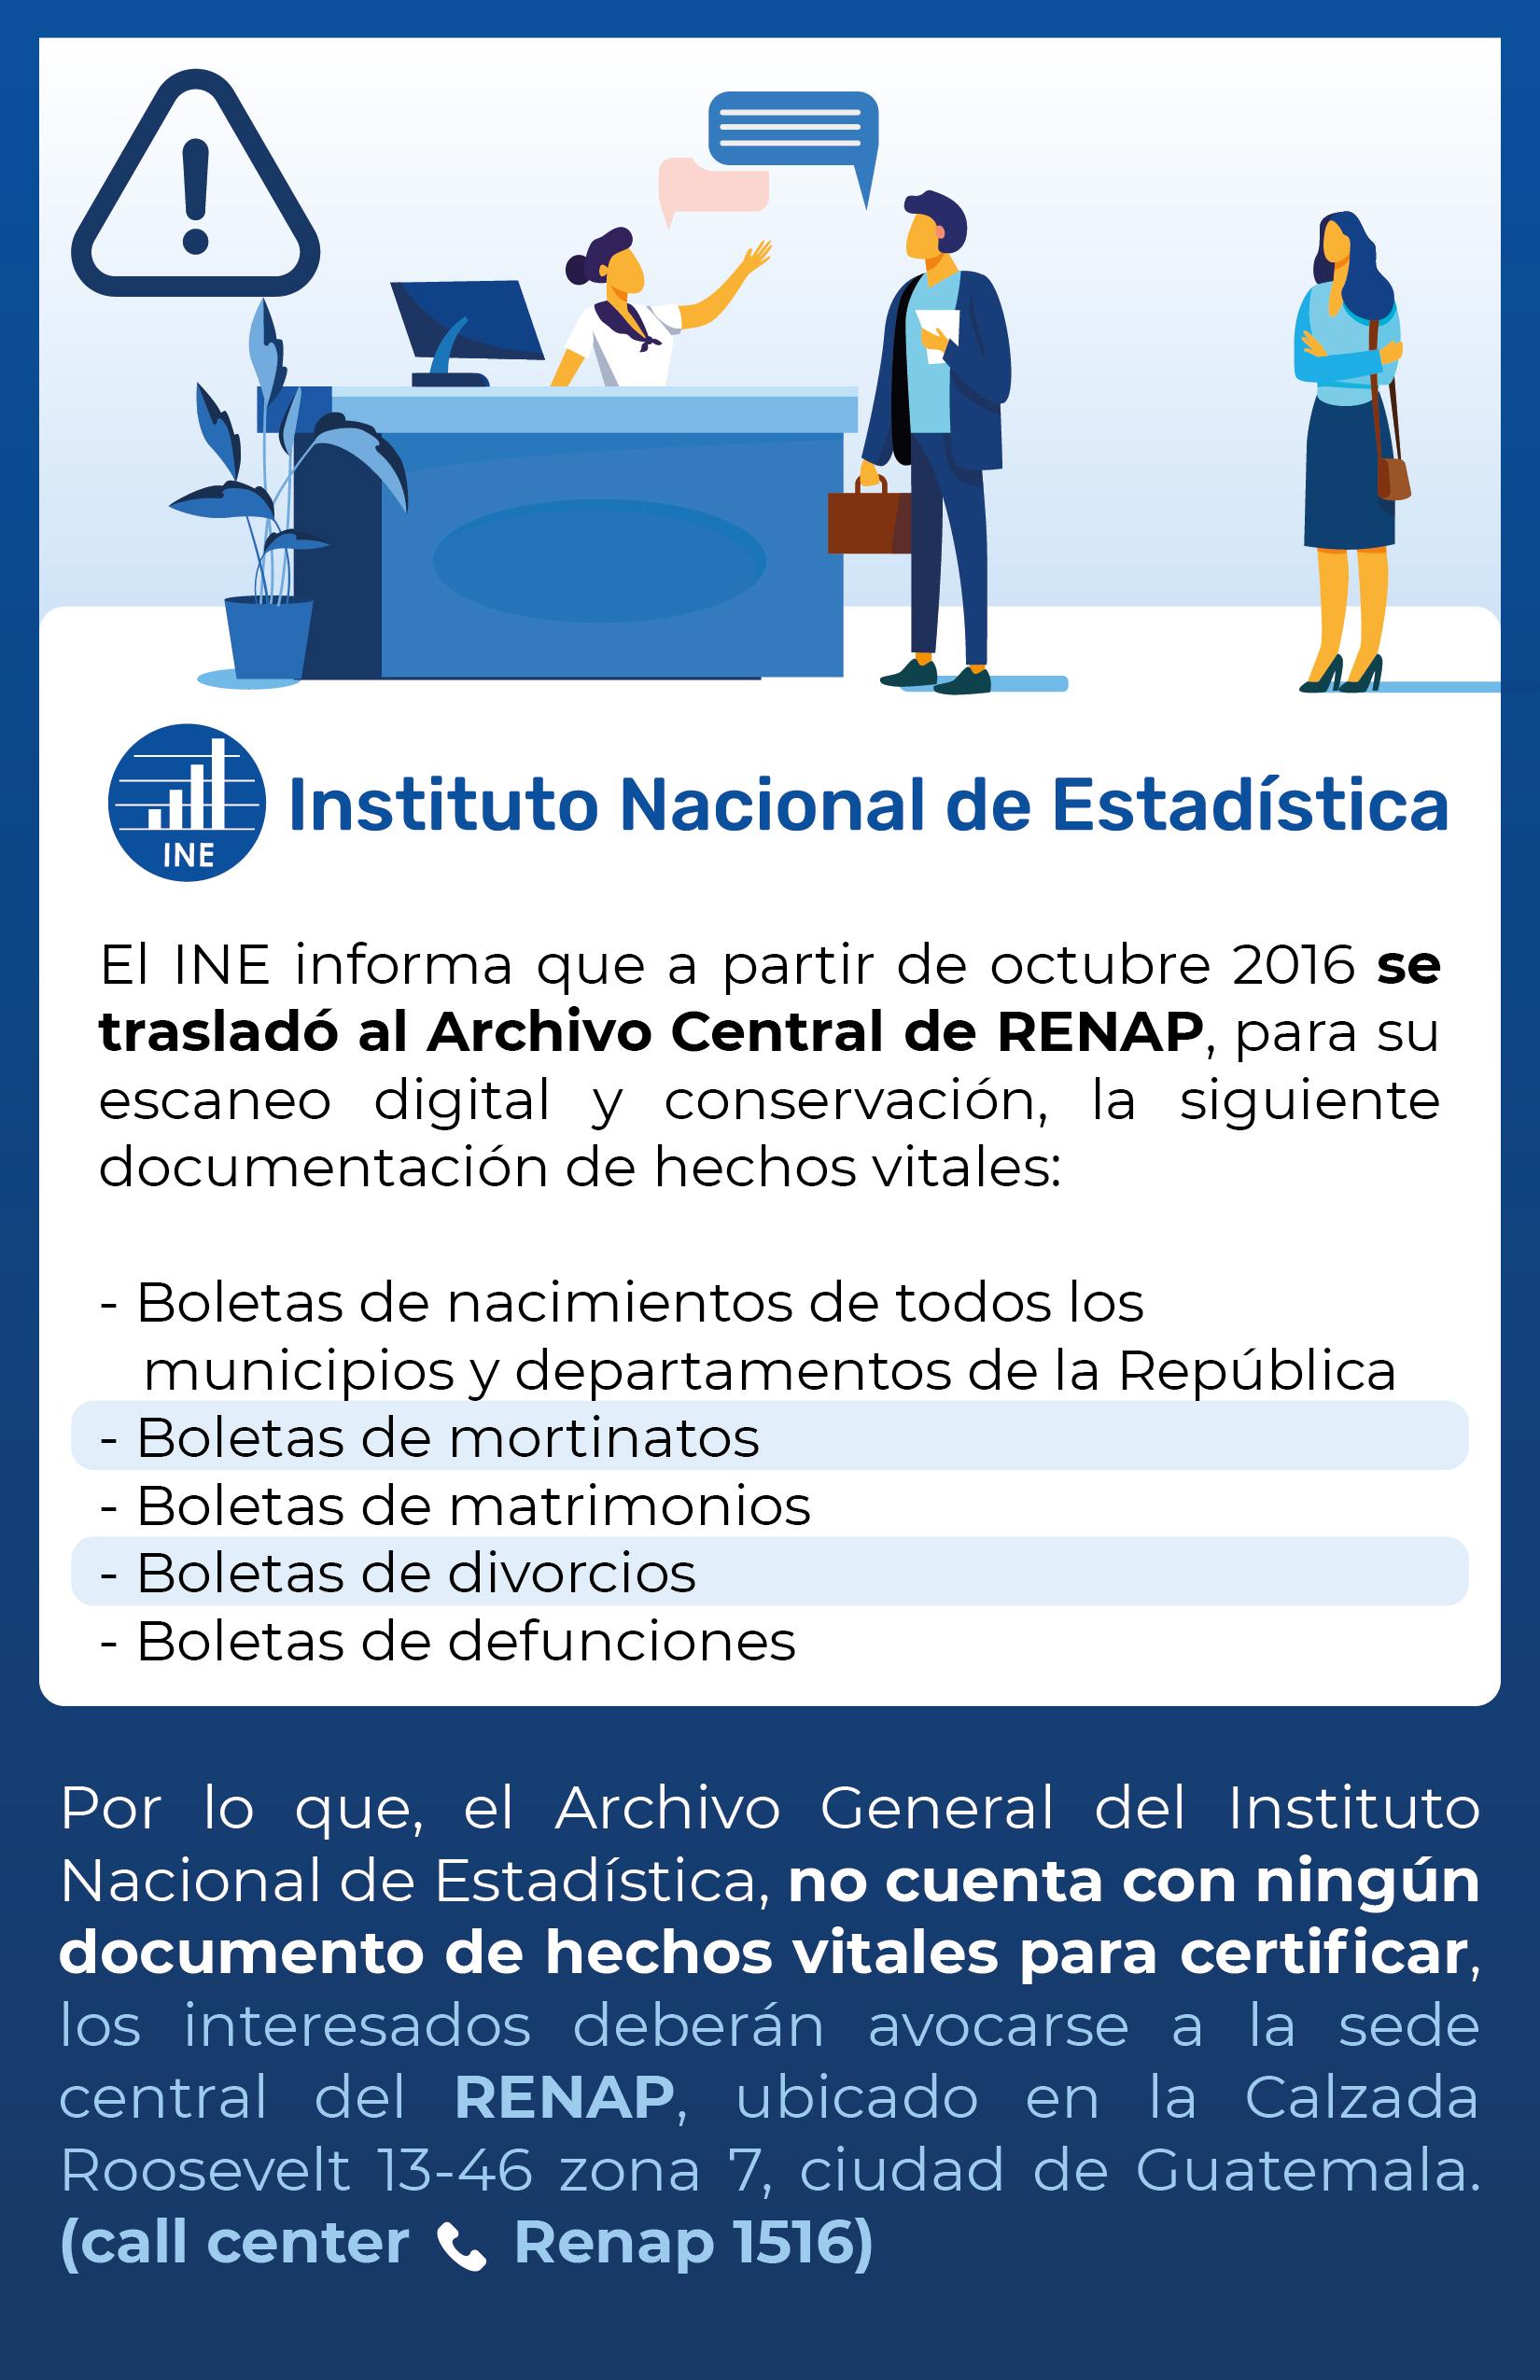 Información RENAP